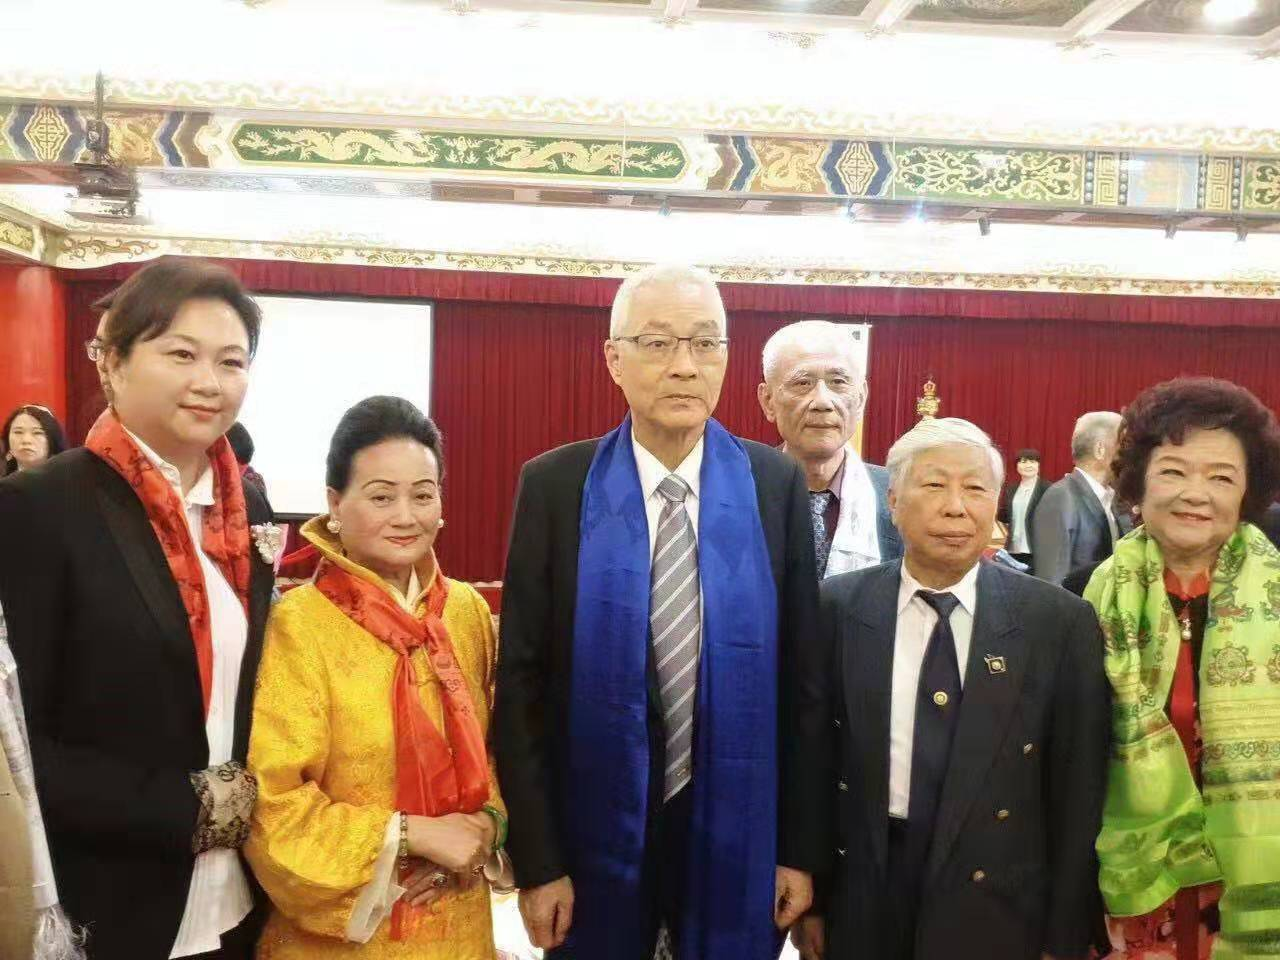 佛陀舍利千年圣物展暨企业家慈善联合会在台湾举行